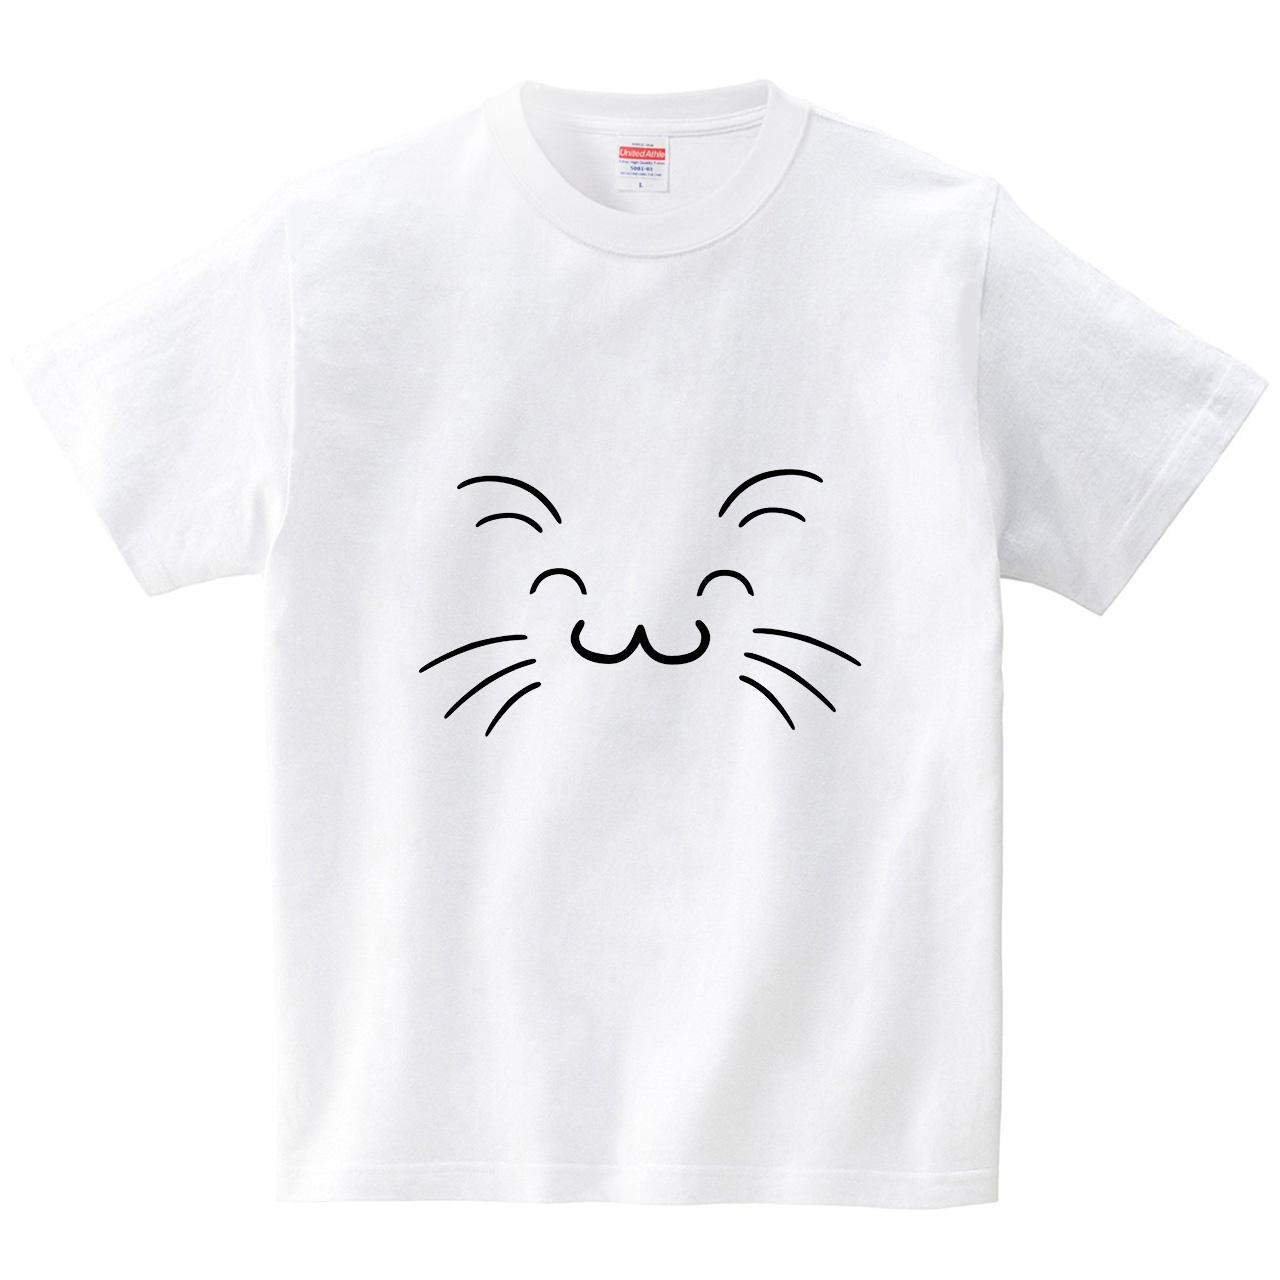 猫顔どアップ その5(Tシャツ・ホワイト)(筆文字屋 みやT)